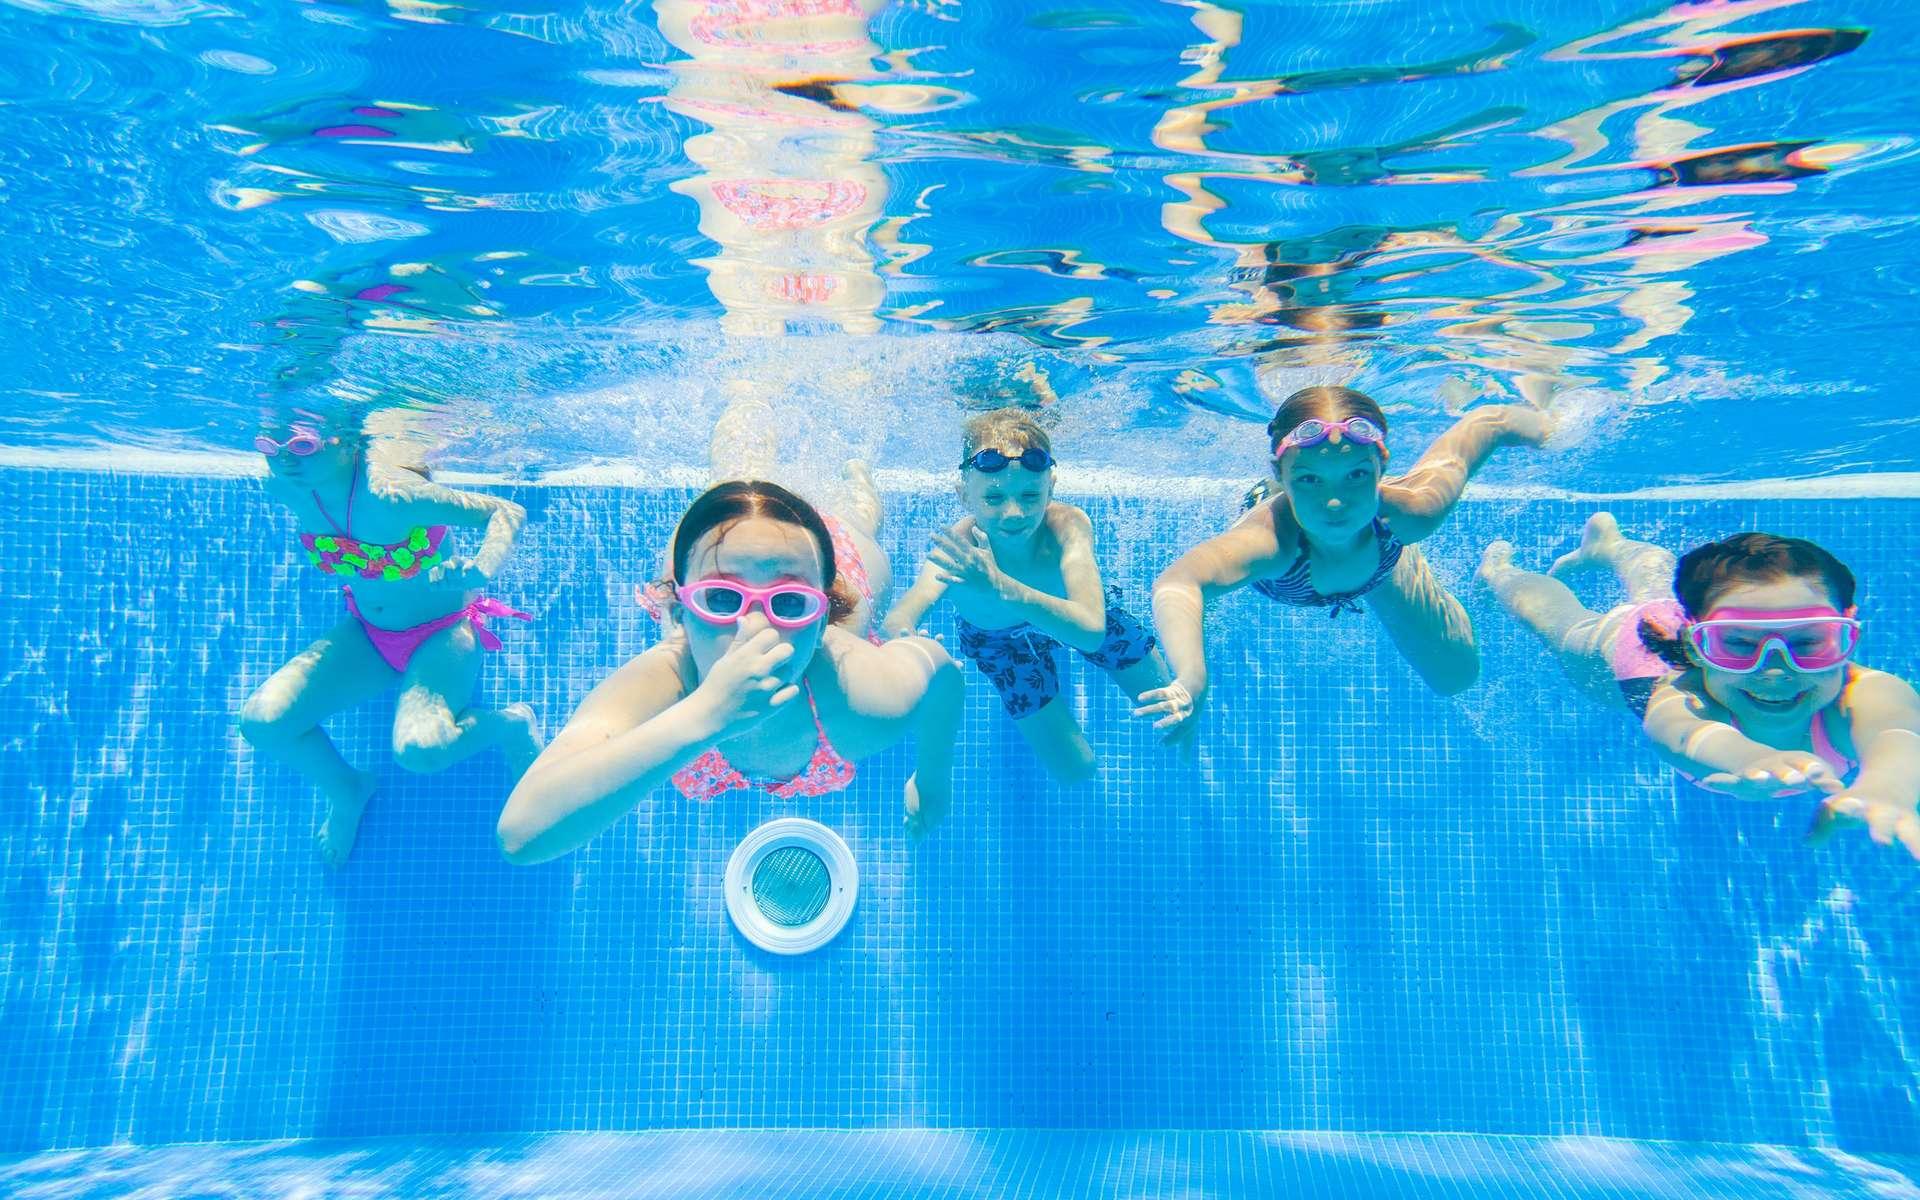 Analyser l'eau est une tâche indispensable pour profiter pleinement de la piscine. Pour vous aider, l'assistant easy·care développé par Waterair transmet toutes les informations utiles en temps réel. © yanlev, Adobe Stock